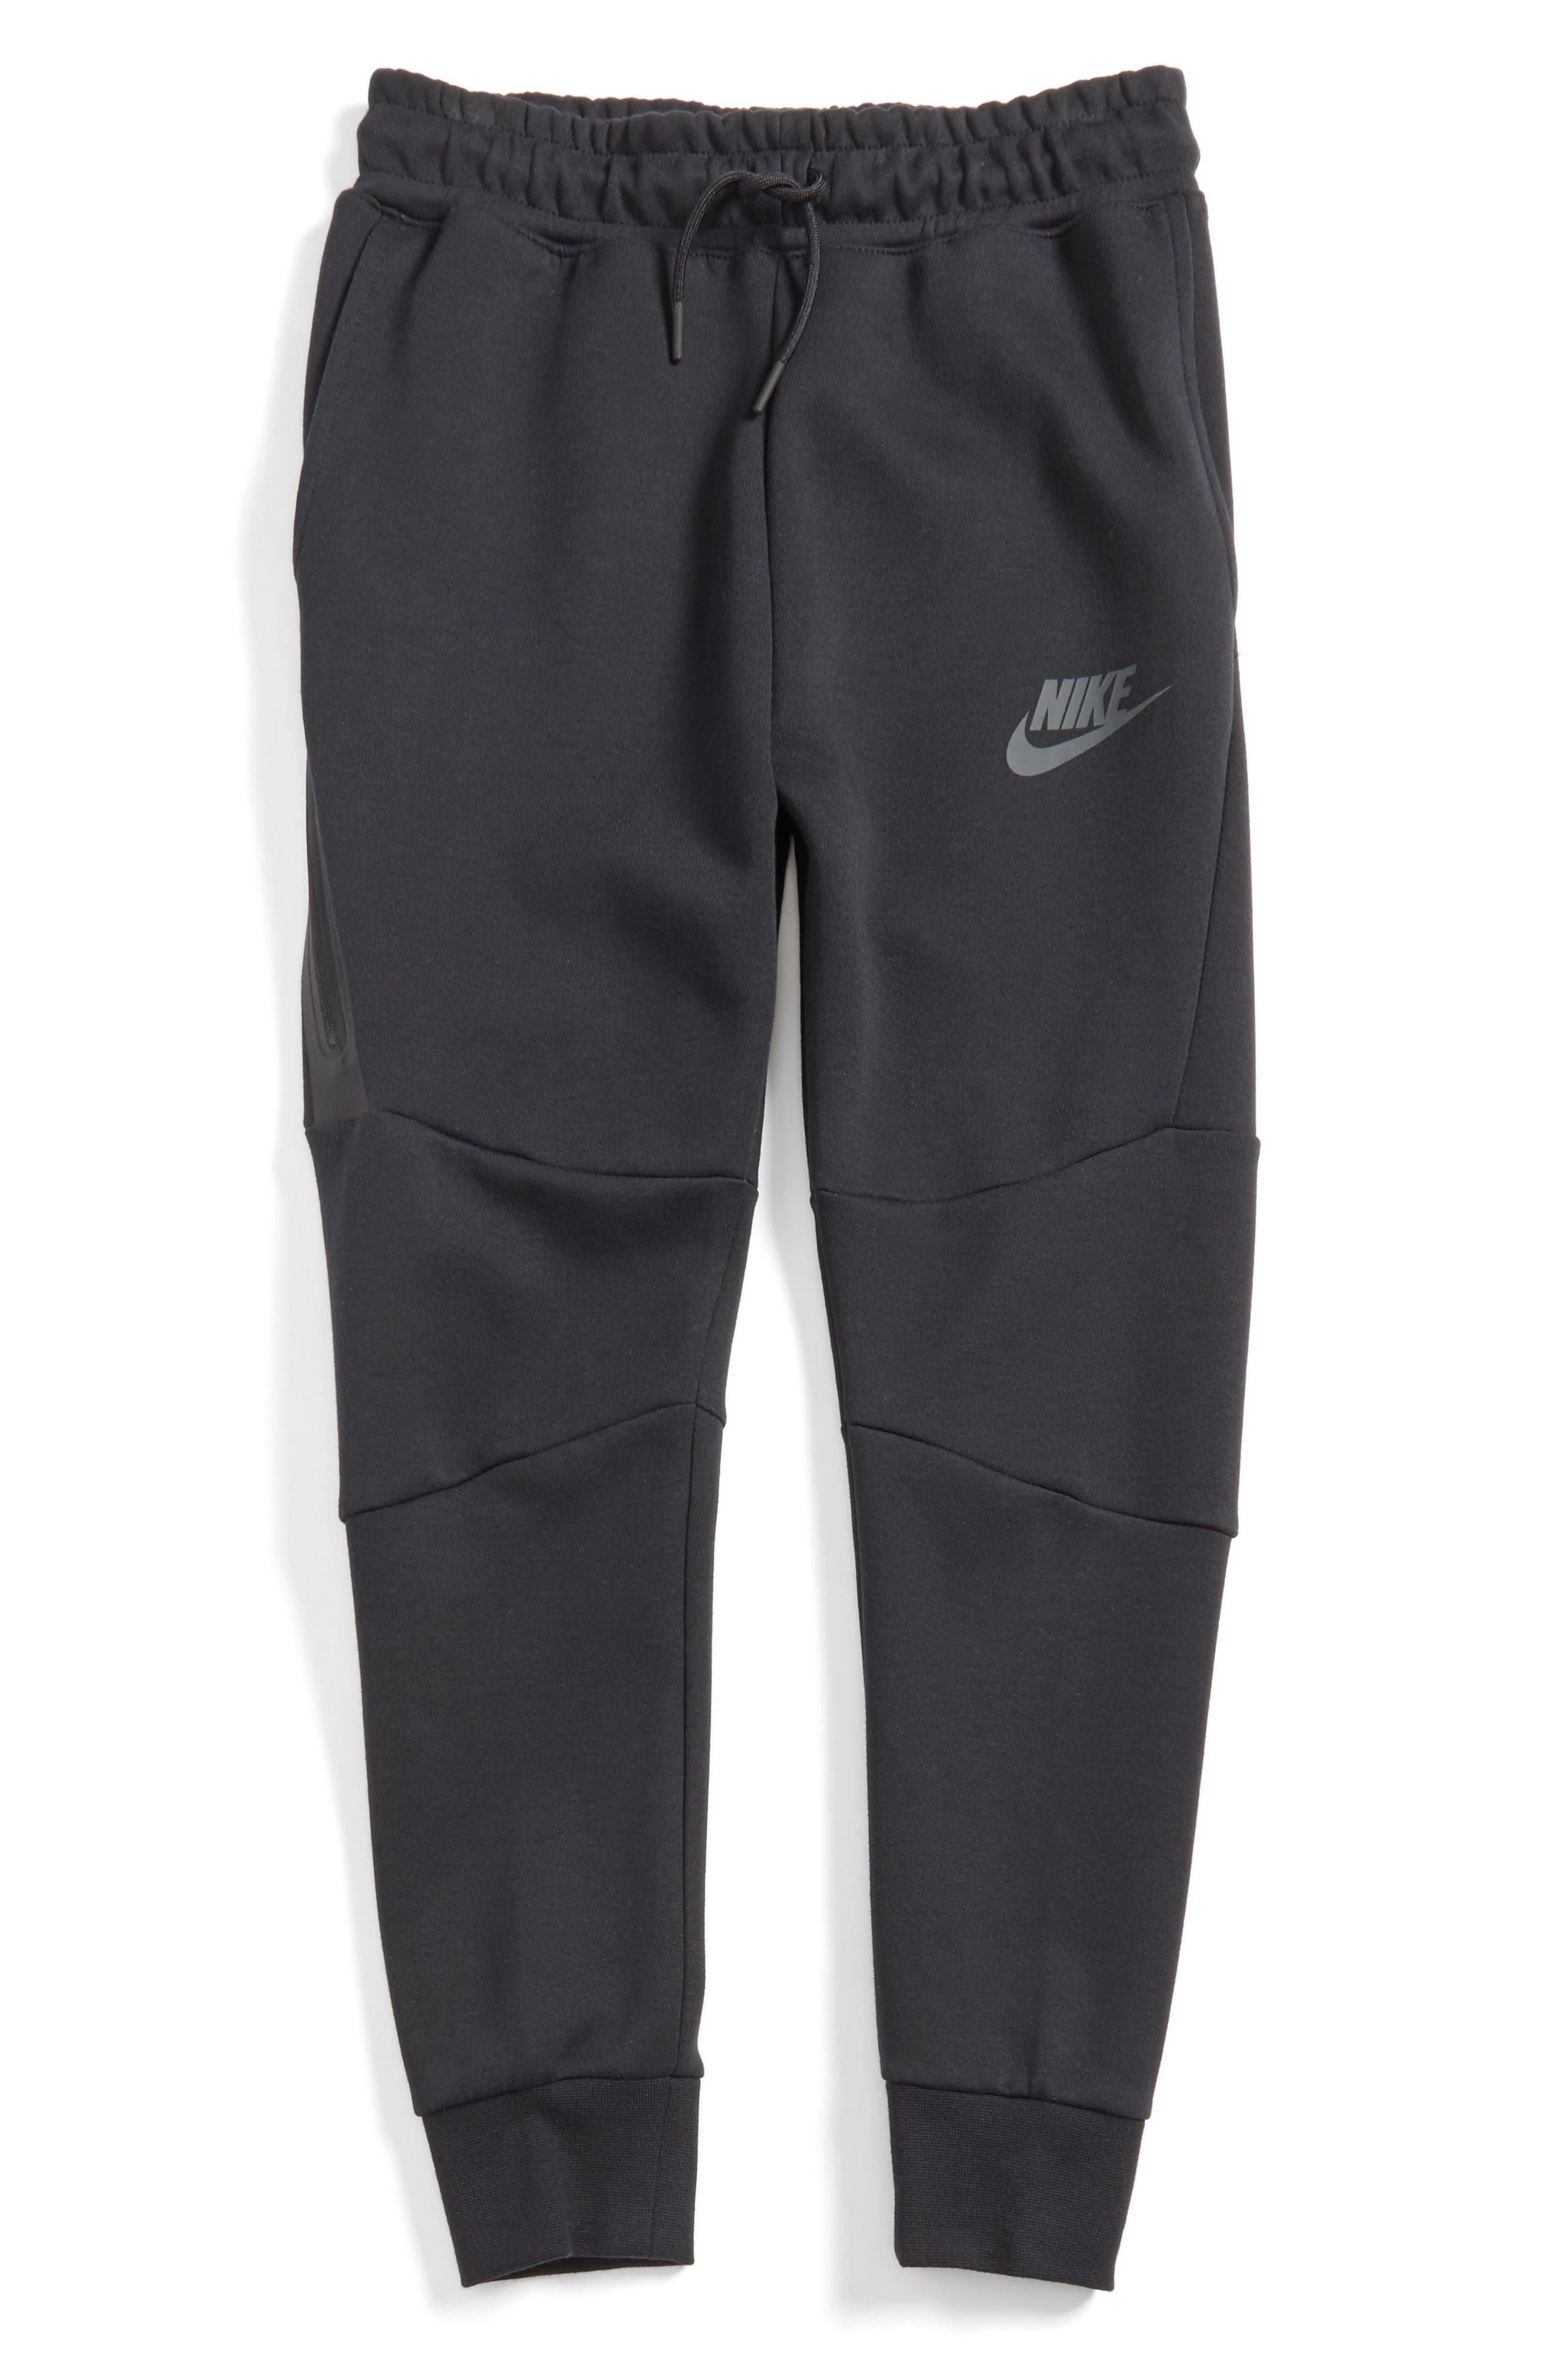 Tech Fleece Pants,                         Main,                         color, Black/ Anthracite